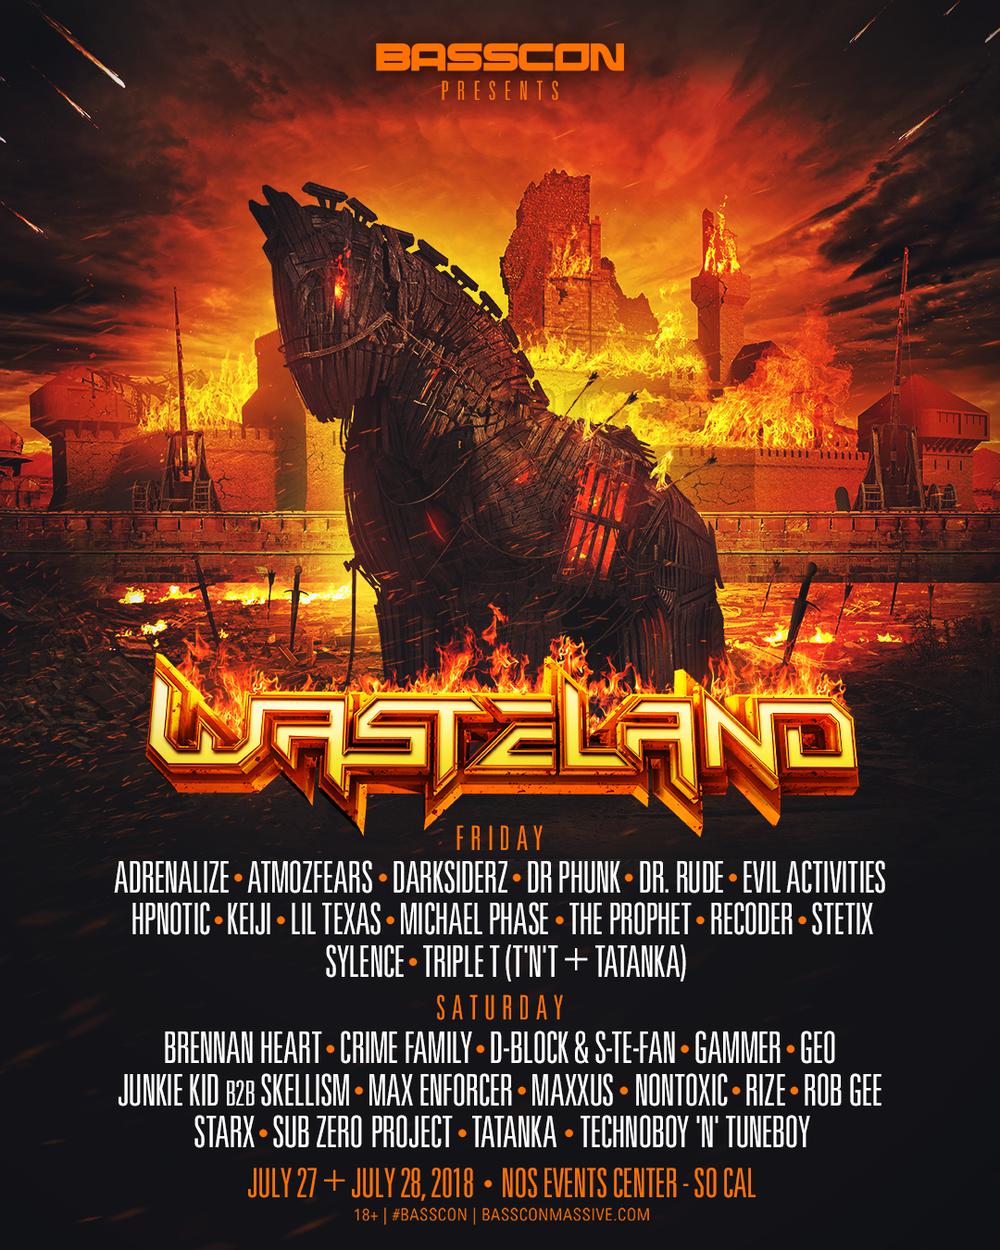 Wasteland - 2 Full Days of Hard Bass